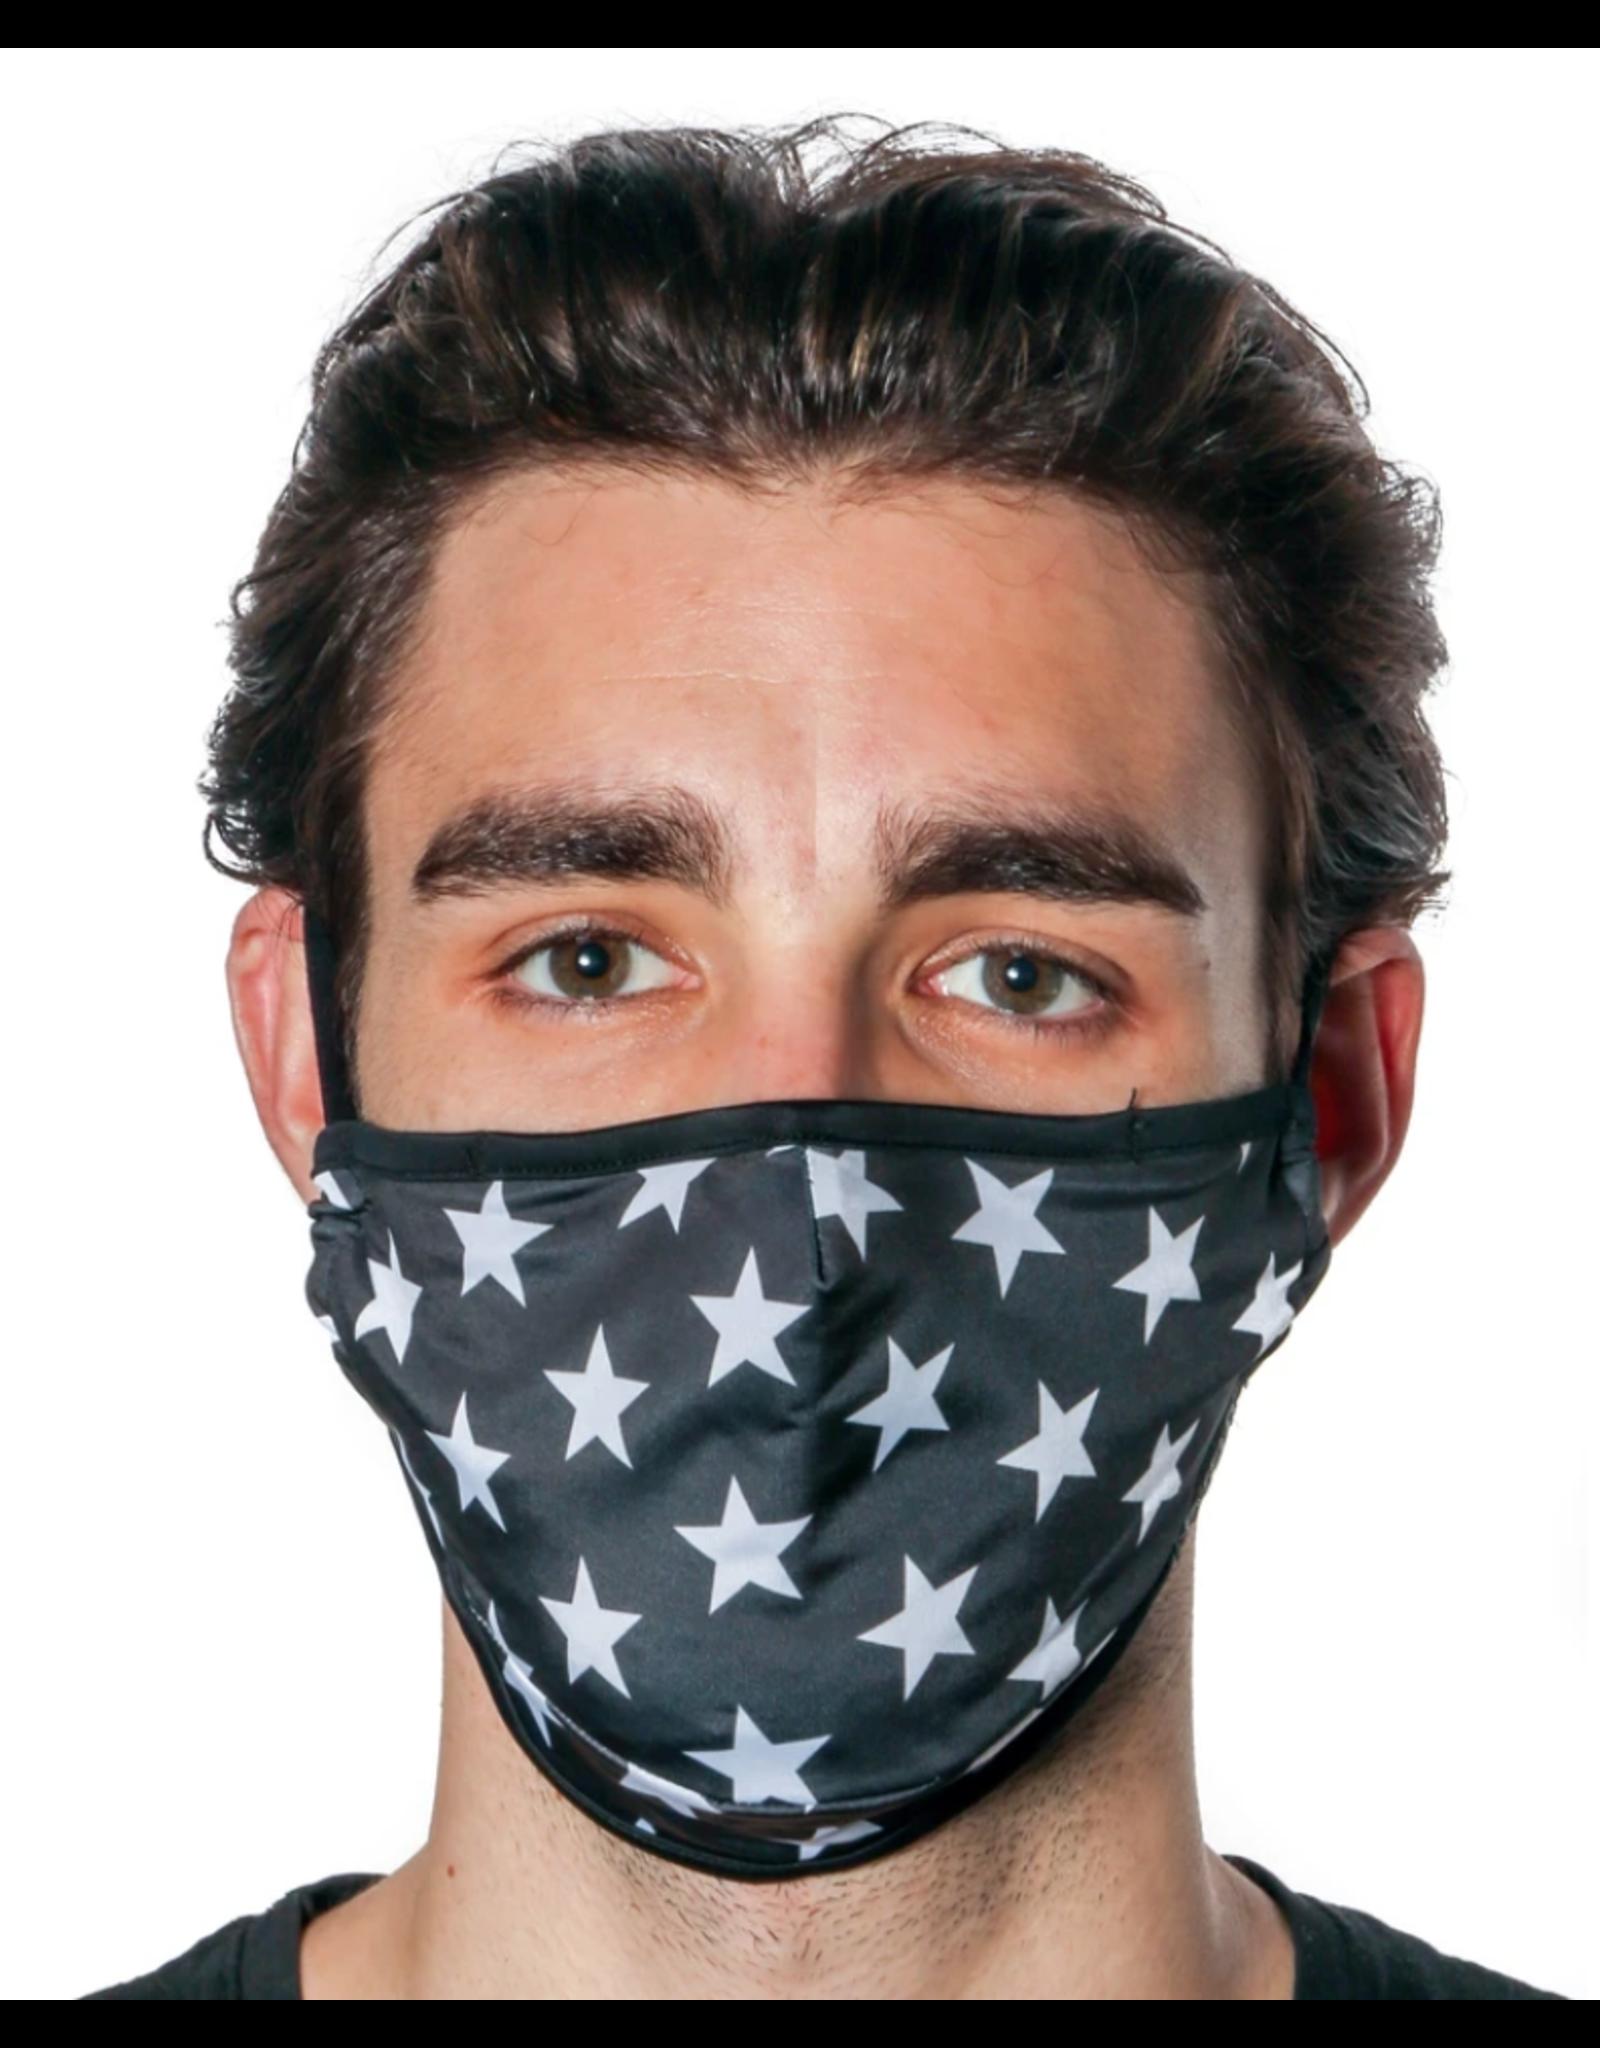 FYDELITY FYDELITY Face Mask - Black Star